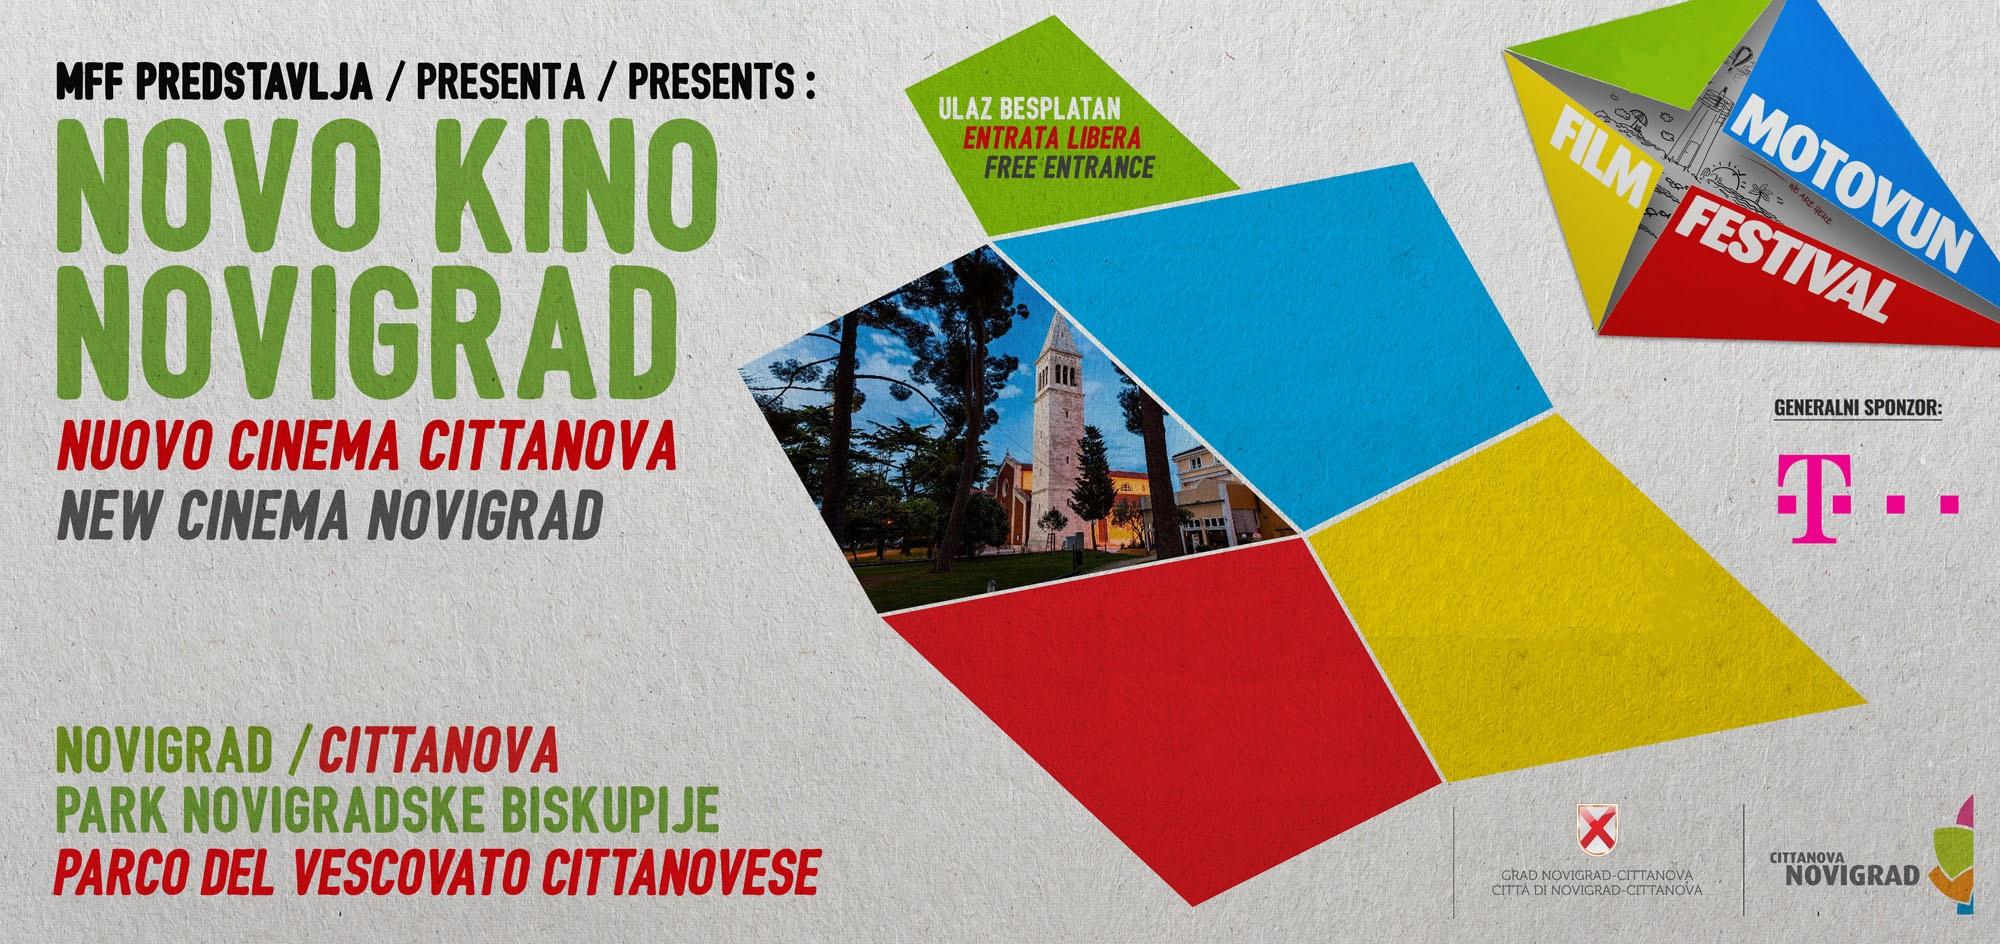 http://www.novigrad.hr/motovun_film_festival_predstavlja_novo_kino_novigrad